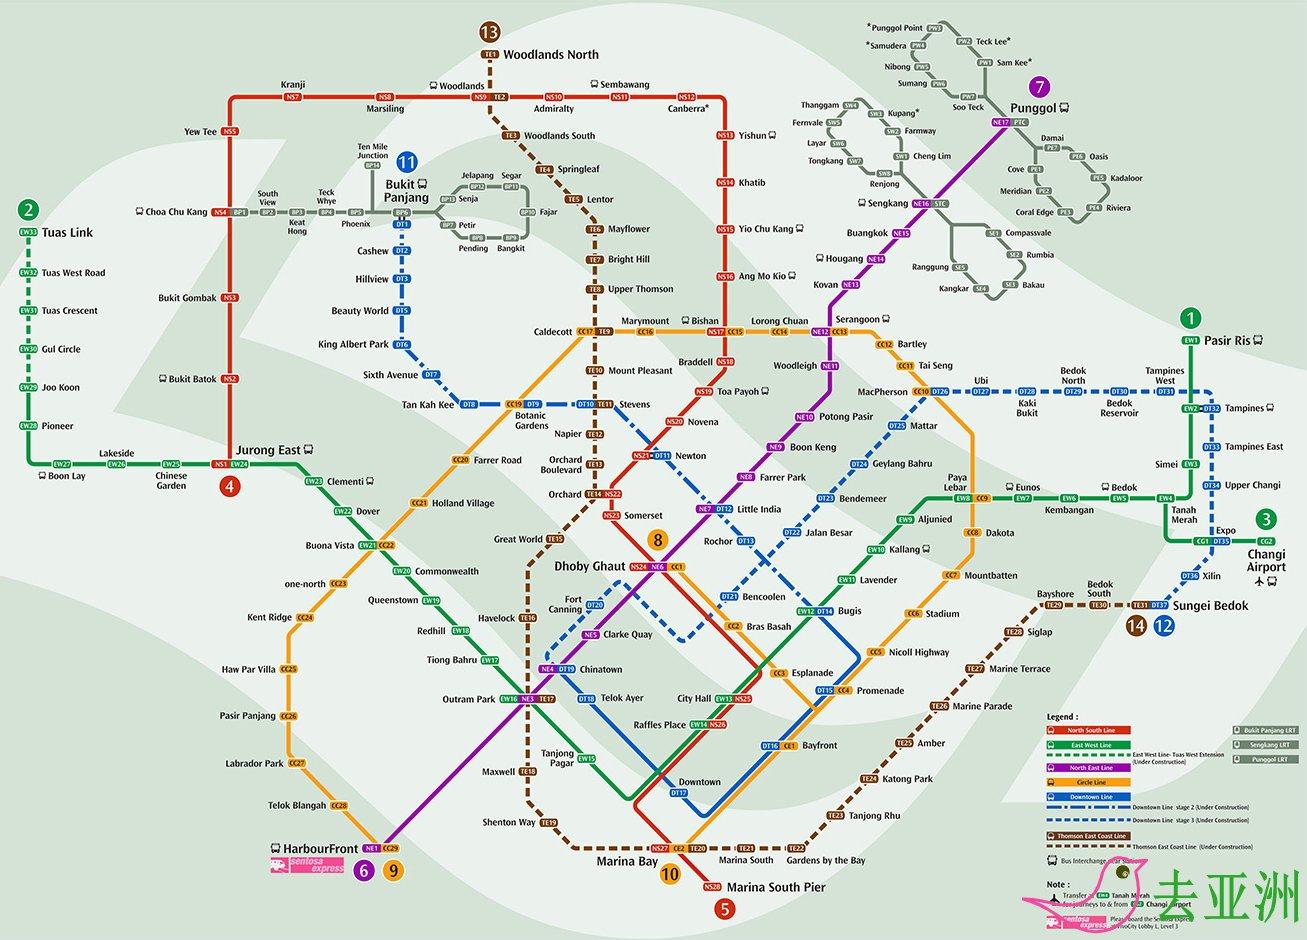 新加坡地铁线路图英文版